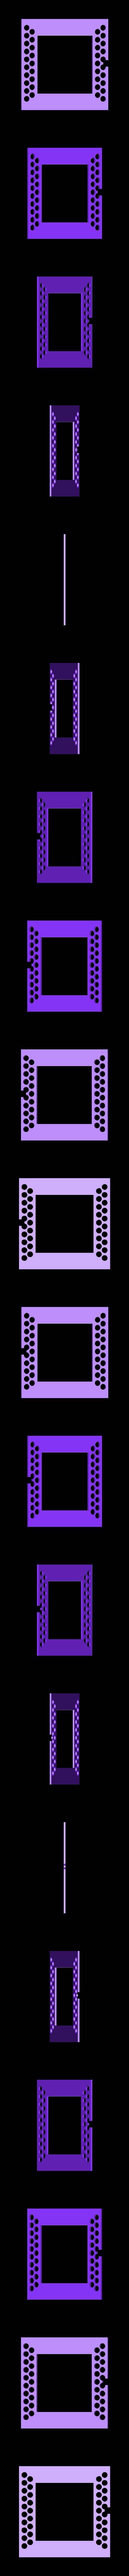 Vase_perforated_frame_ext_cable.stl Télécharger fichier STL gratuit Robinet magique • Objet pour impression 3D, Hazon_Maker